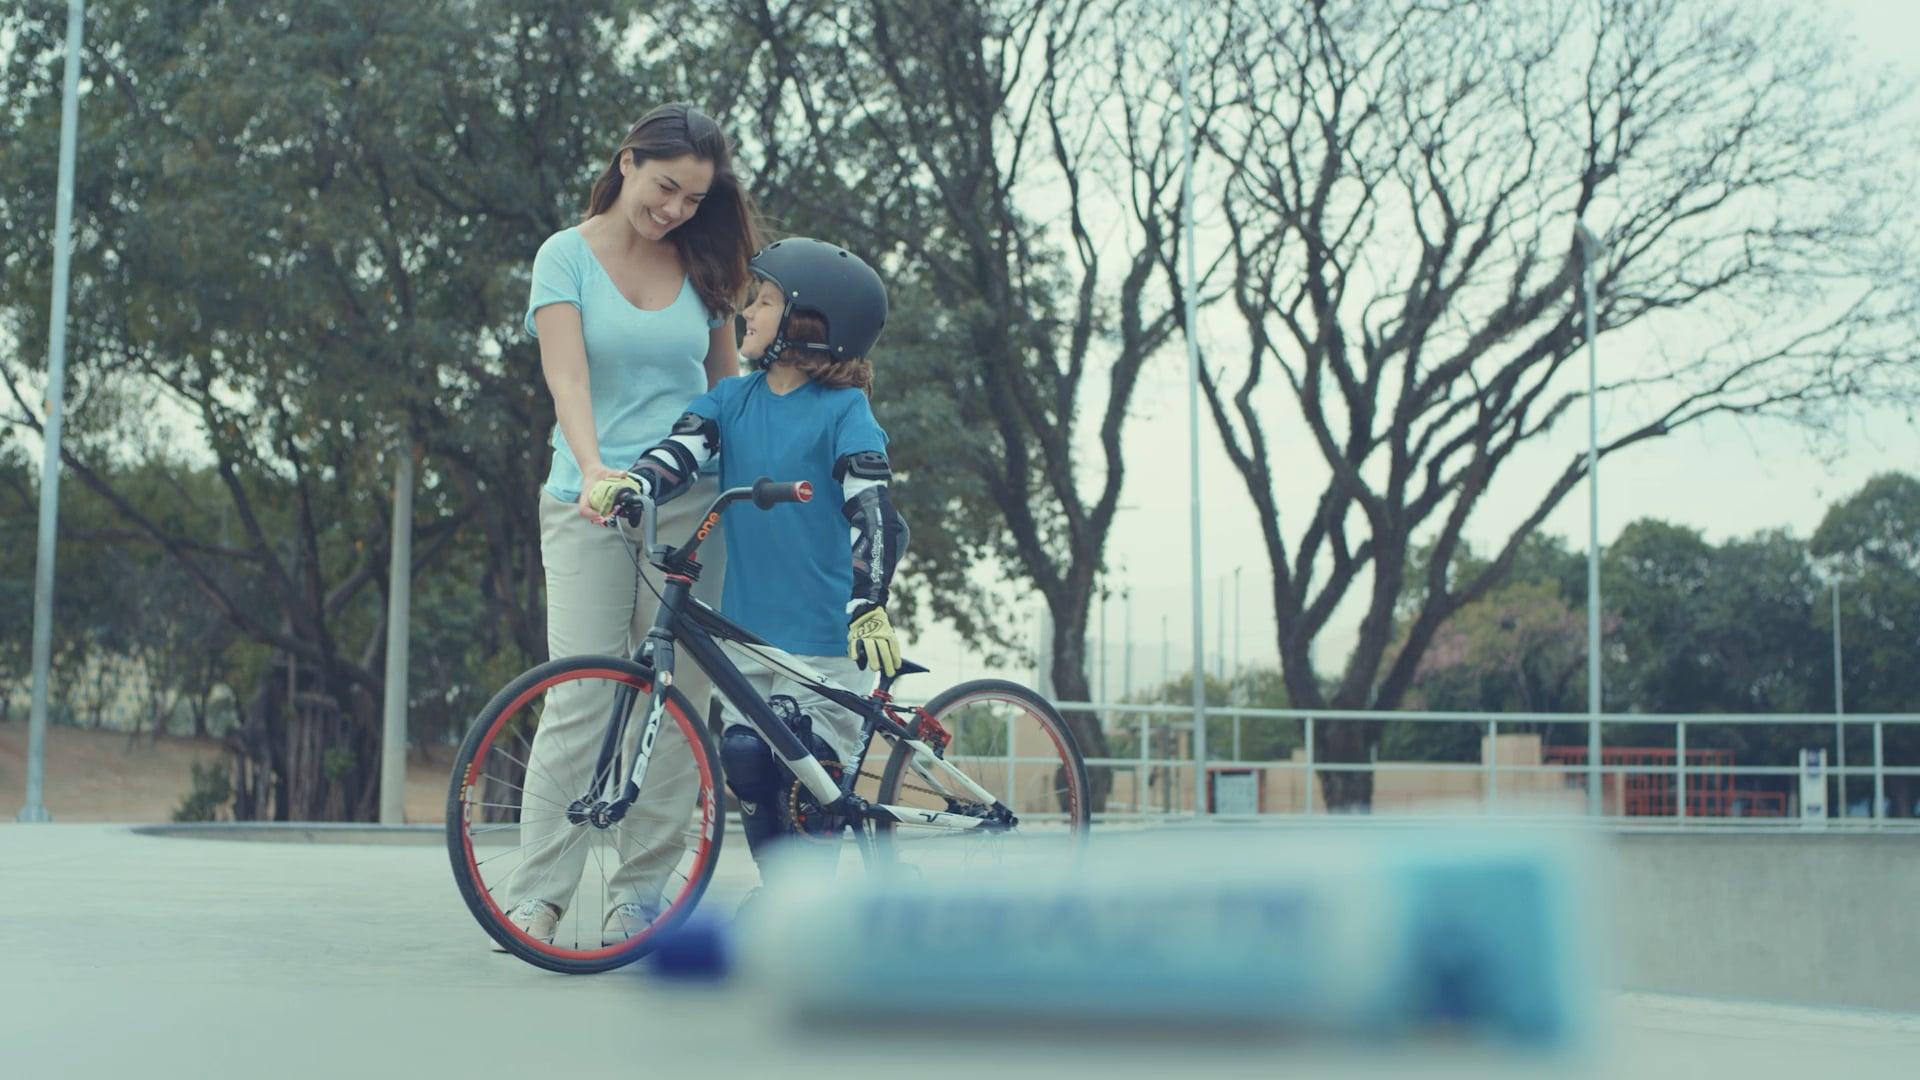 Bayer Nebacetin Bike